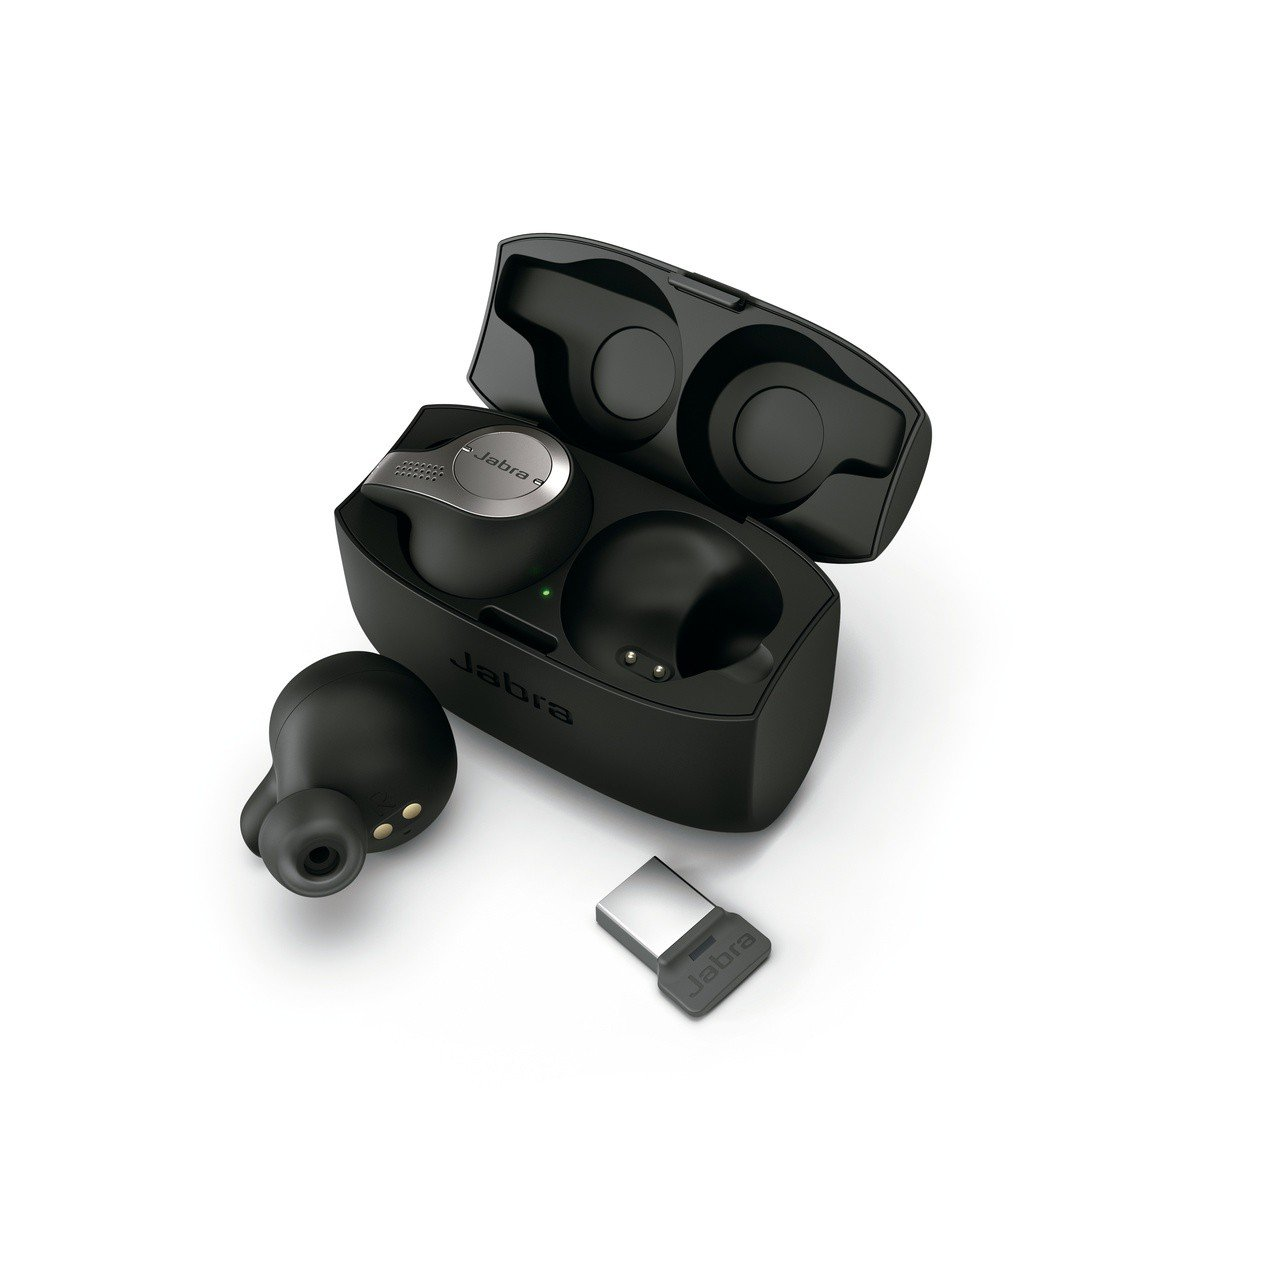 Jabra Evolve 65t,建議售價12,900元。圖/Jabra提供